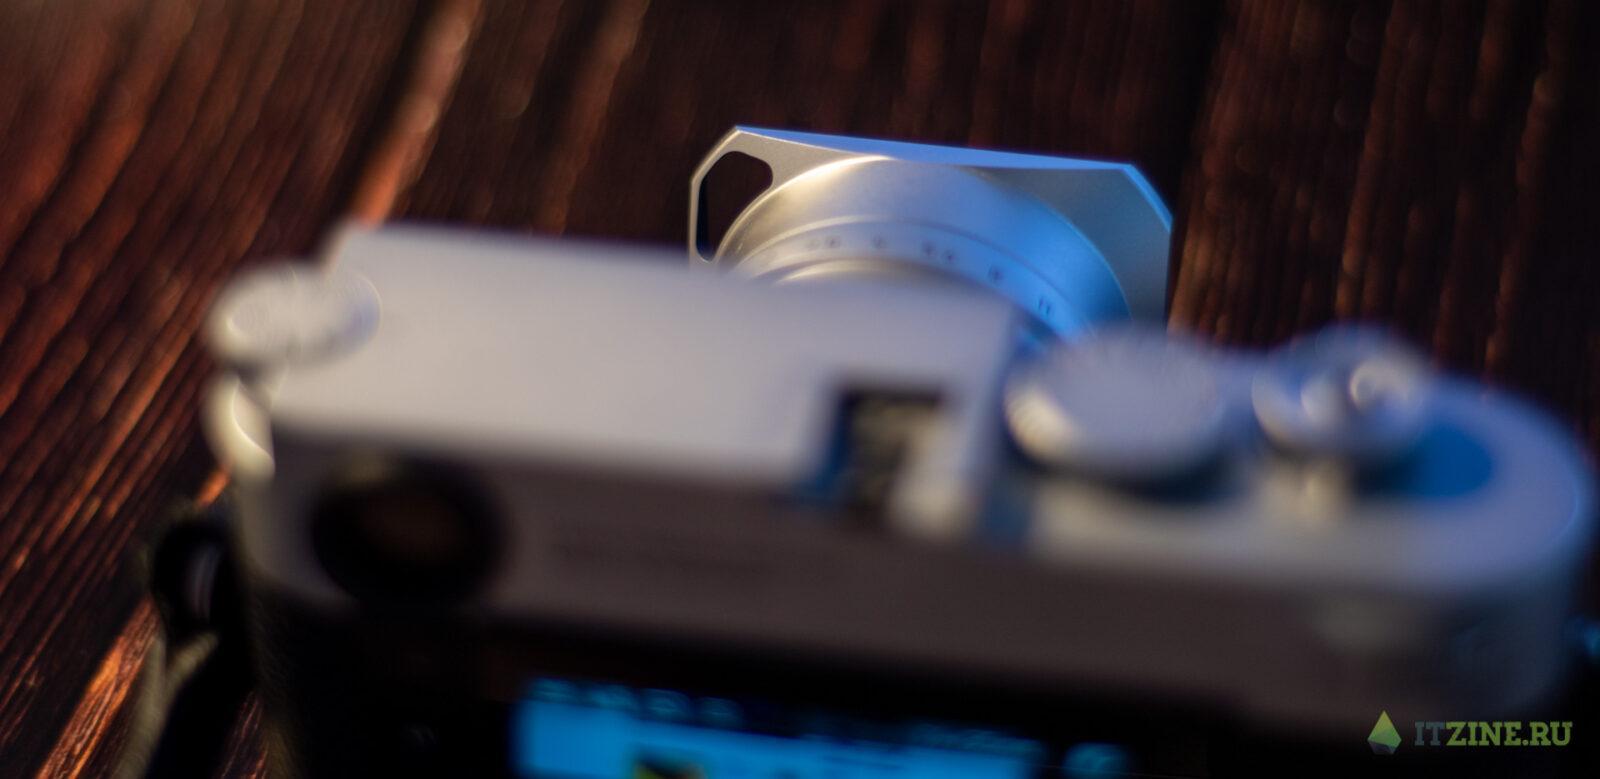 Обзор камеры Leica M10: круче просто некуда (DSC 9350)